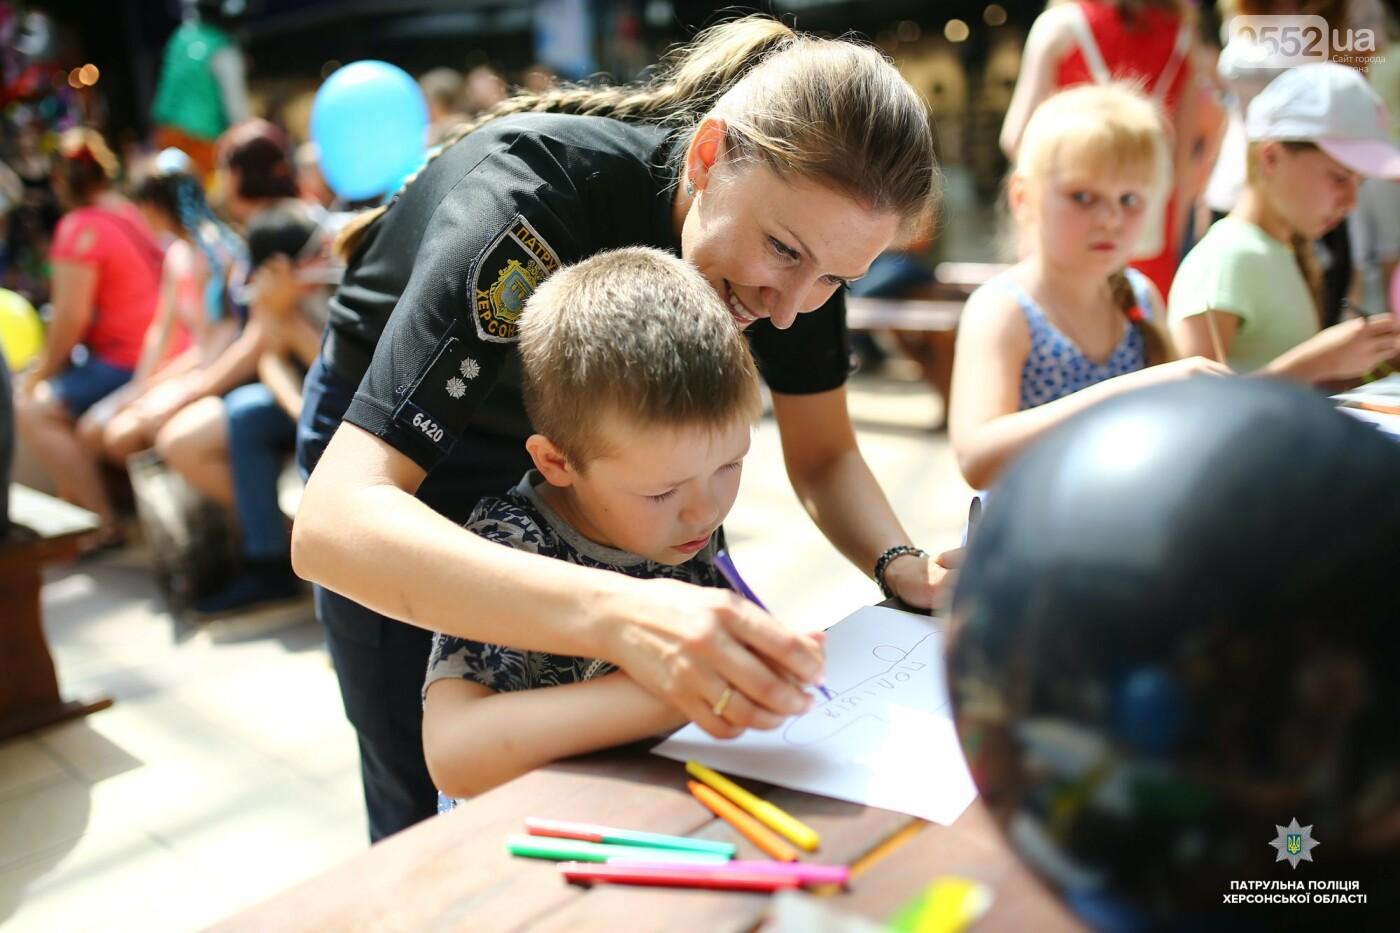 Полицейские подарили маленьким жителям Херсона отличный праздник в День защиты детей , фото-5